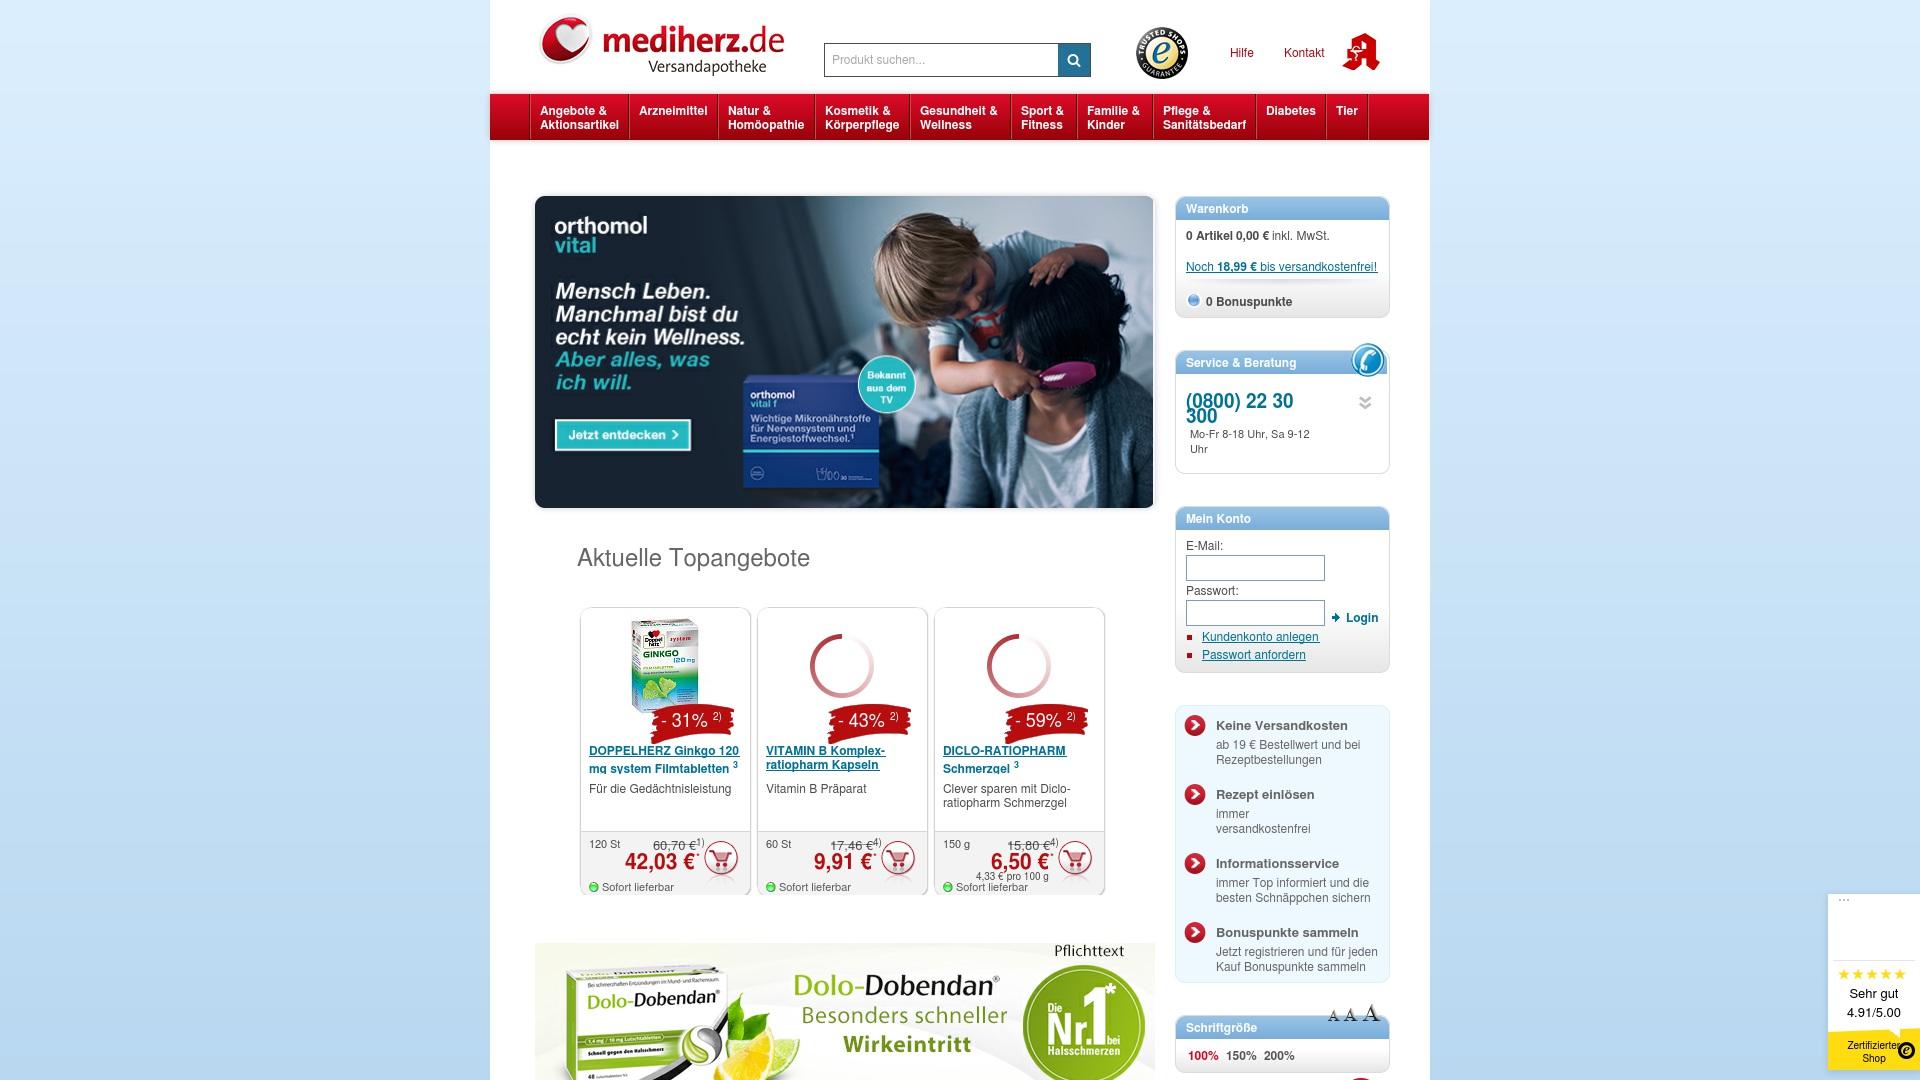 Gutschein für Mediherz-shop: Rabatte für  Mediherz-shop sichern